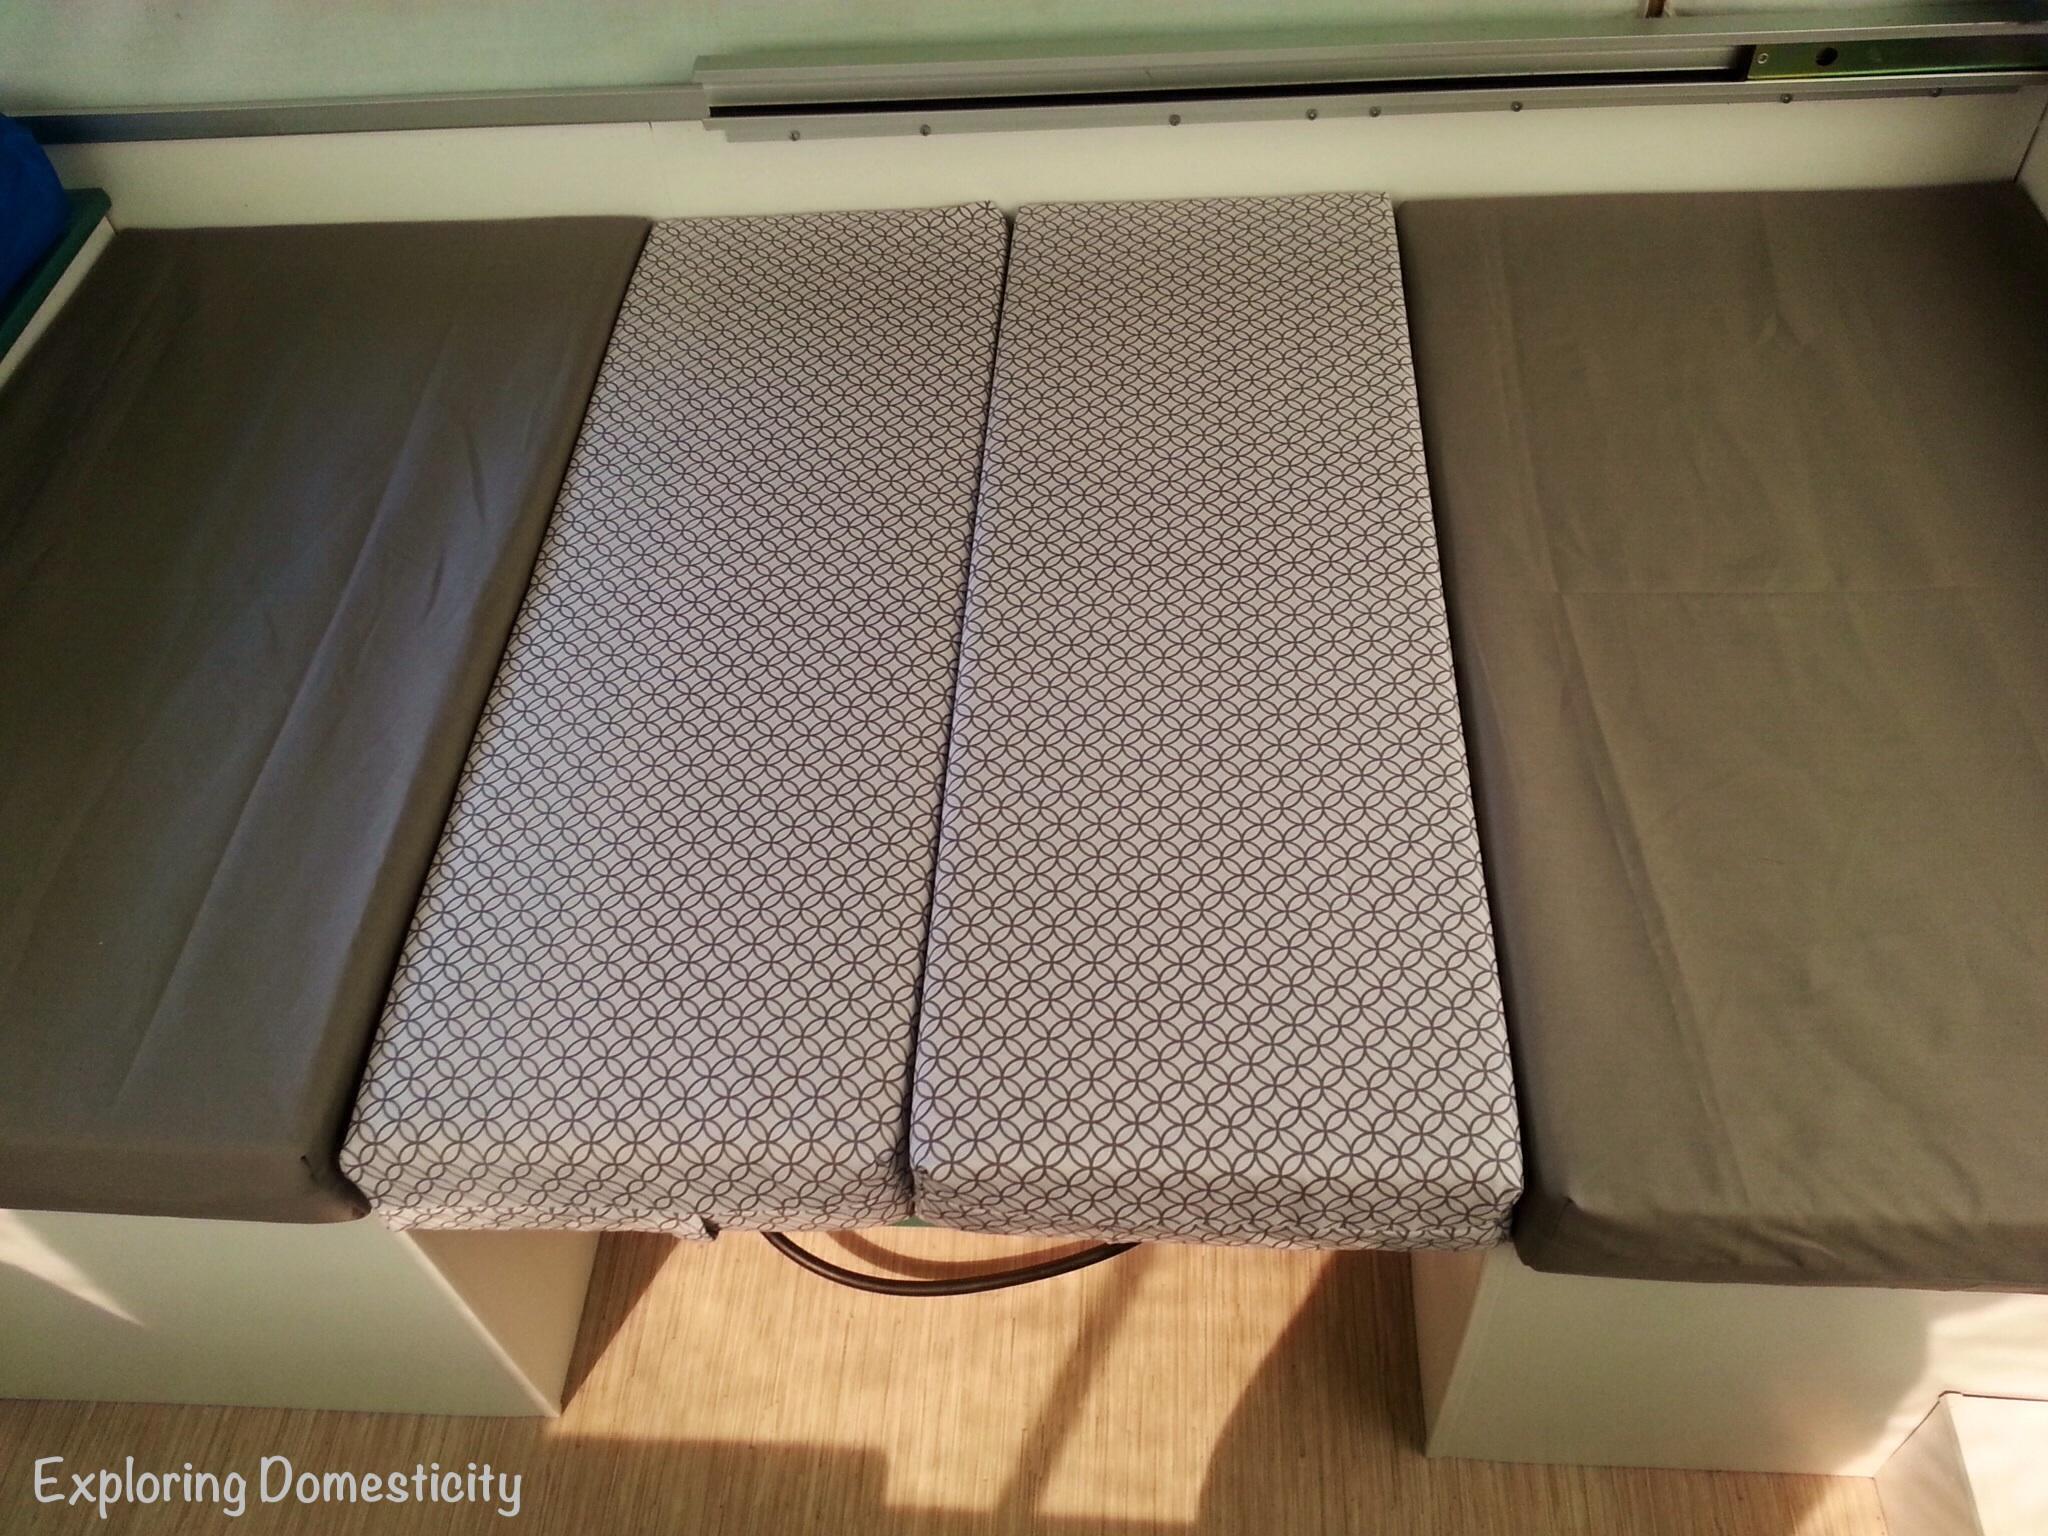 Pop Up Camper Remodel New Cushions Exploring Domesticity